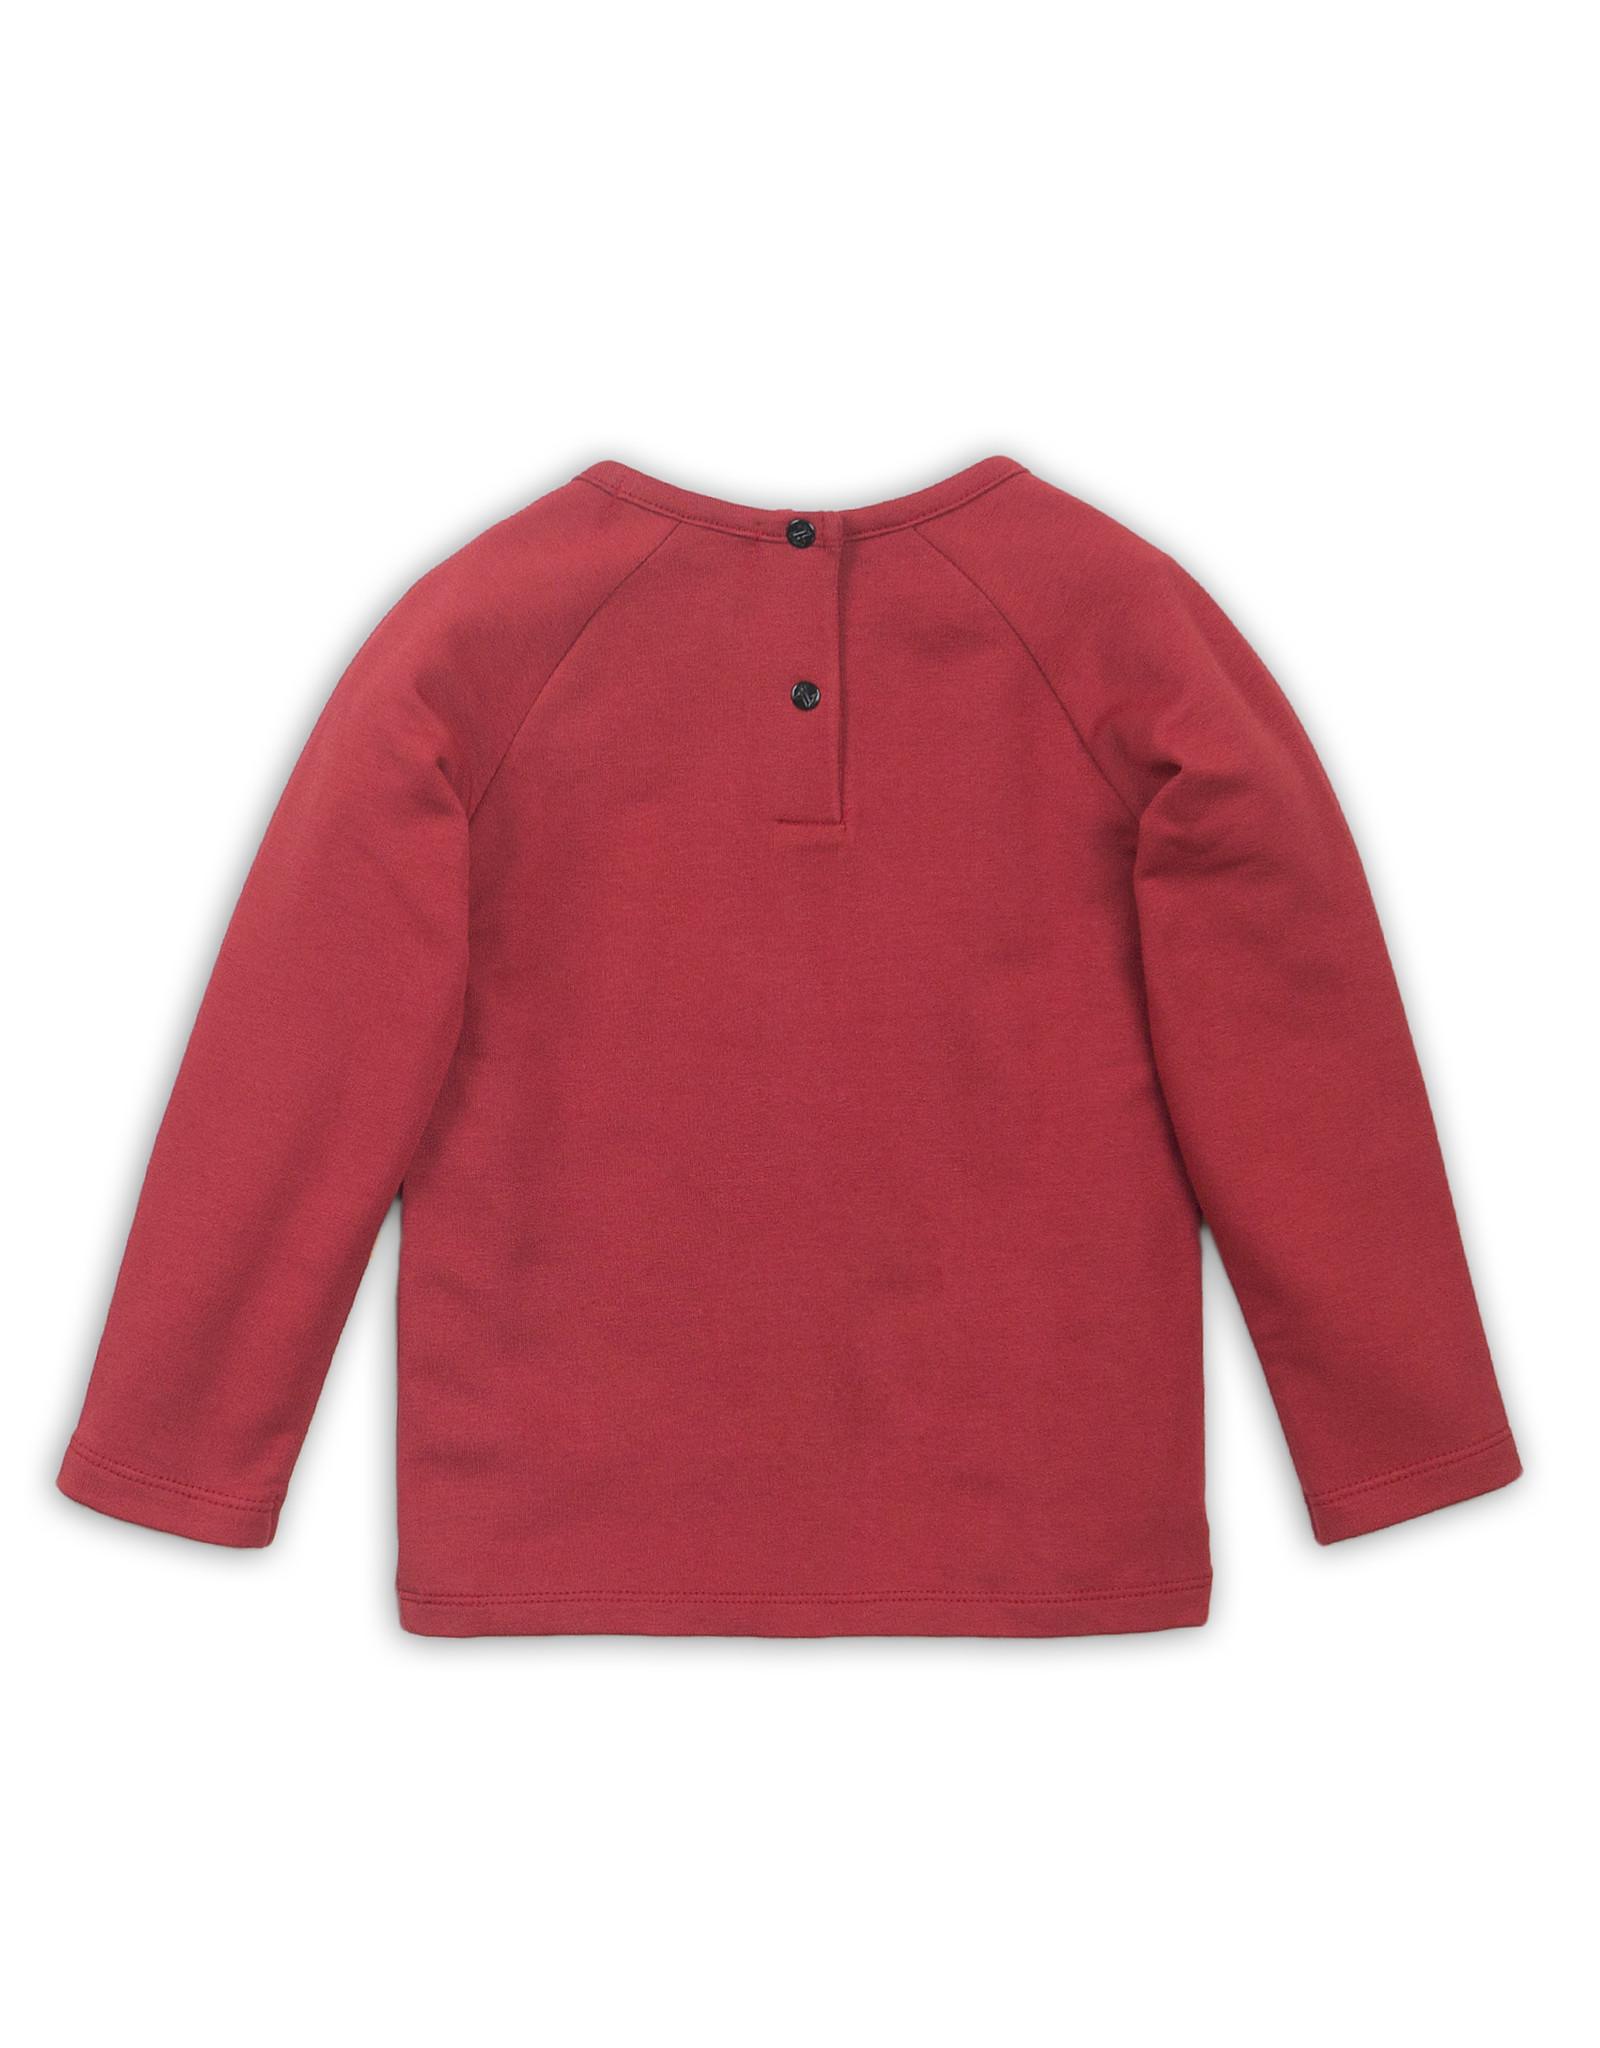 Koko Noko Pullover, Red